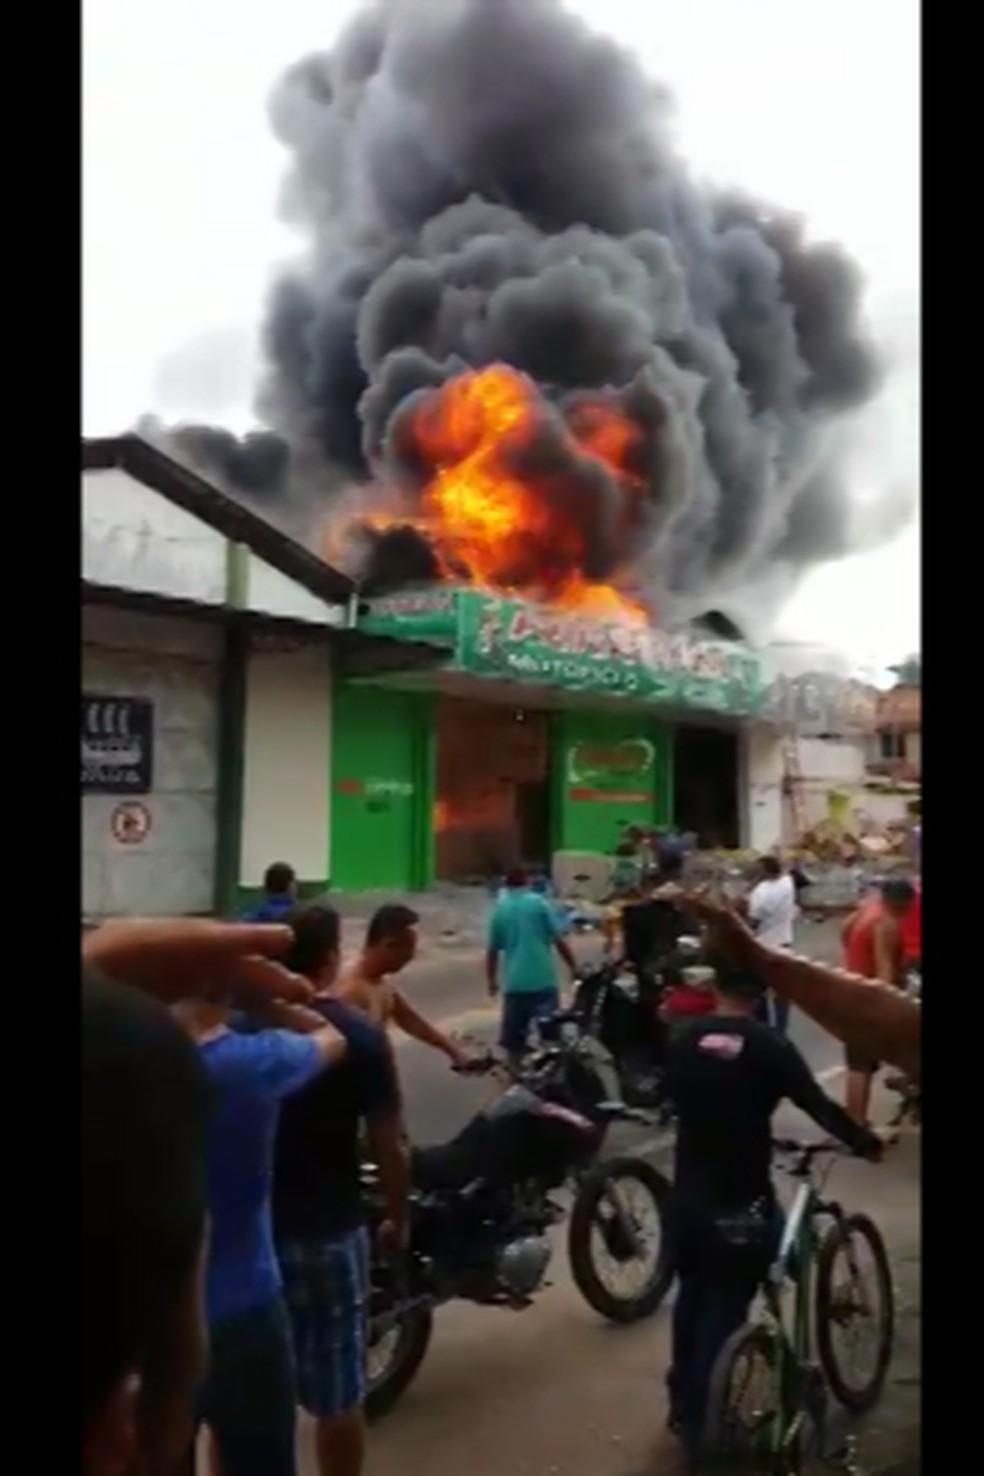 -  Incêndio atinge loja de peças de moto e bicicleta no centro de Castanhal, no Pará  Foto: Edvan Souza/TV Liberal